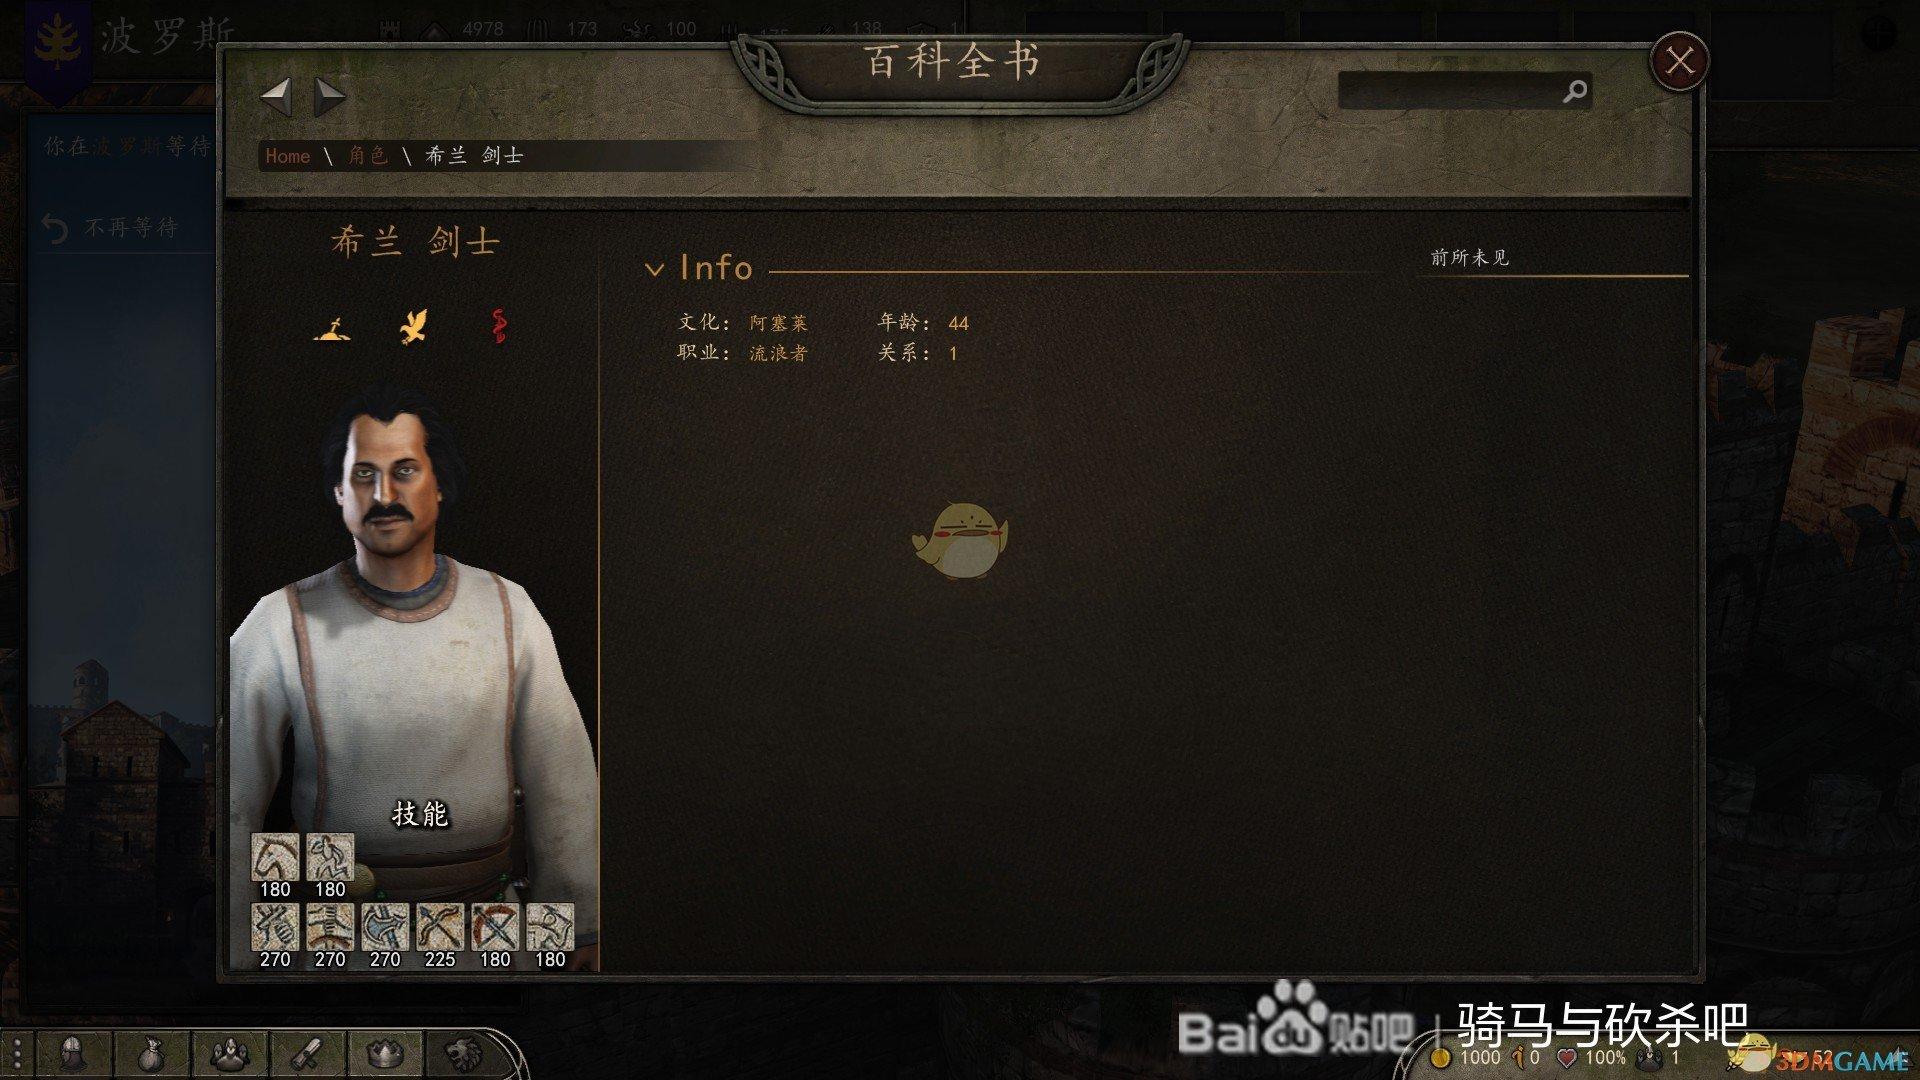 《骑马与砍杀2》1.0.7版本全流浪者NPC属性一览表